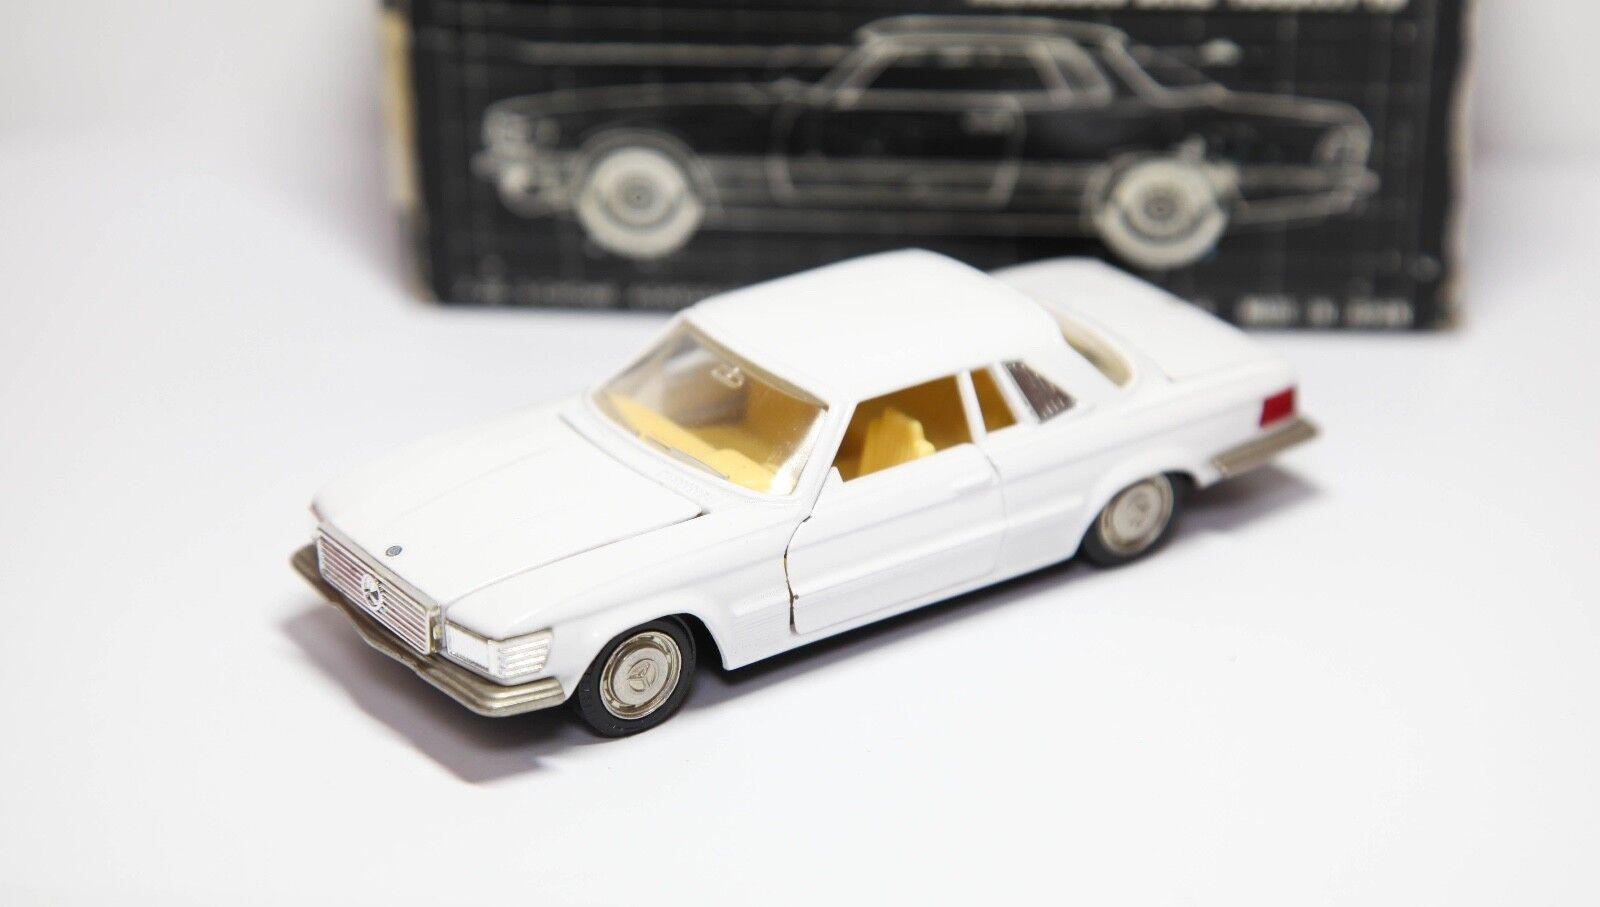 GENTE SAKURA Mercedes-Benz 450 SLC NELLA SCATOLA ORIGINALE-NR Nuovo di zecca VINTAGE Tomica RARO